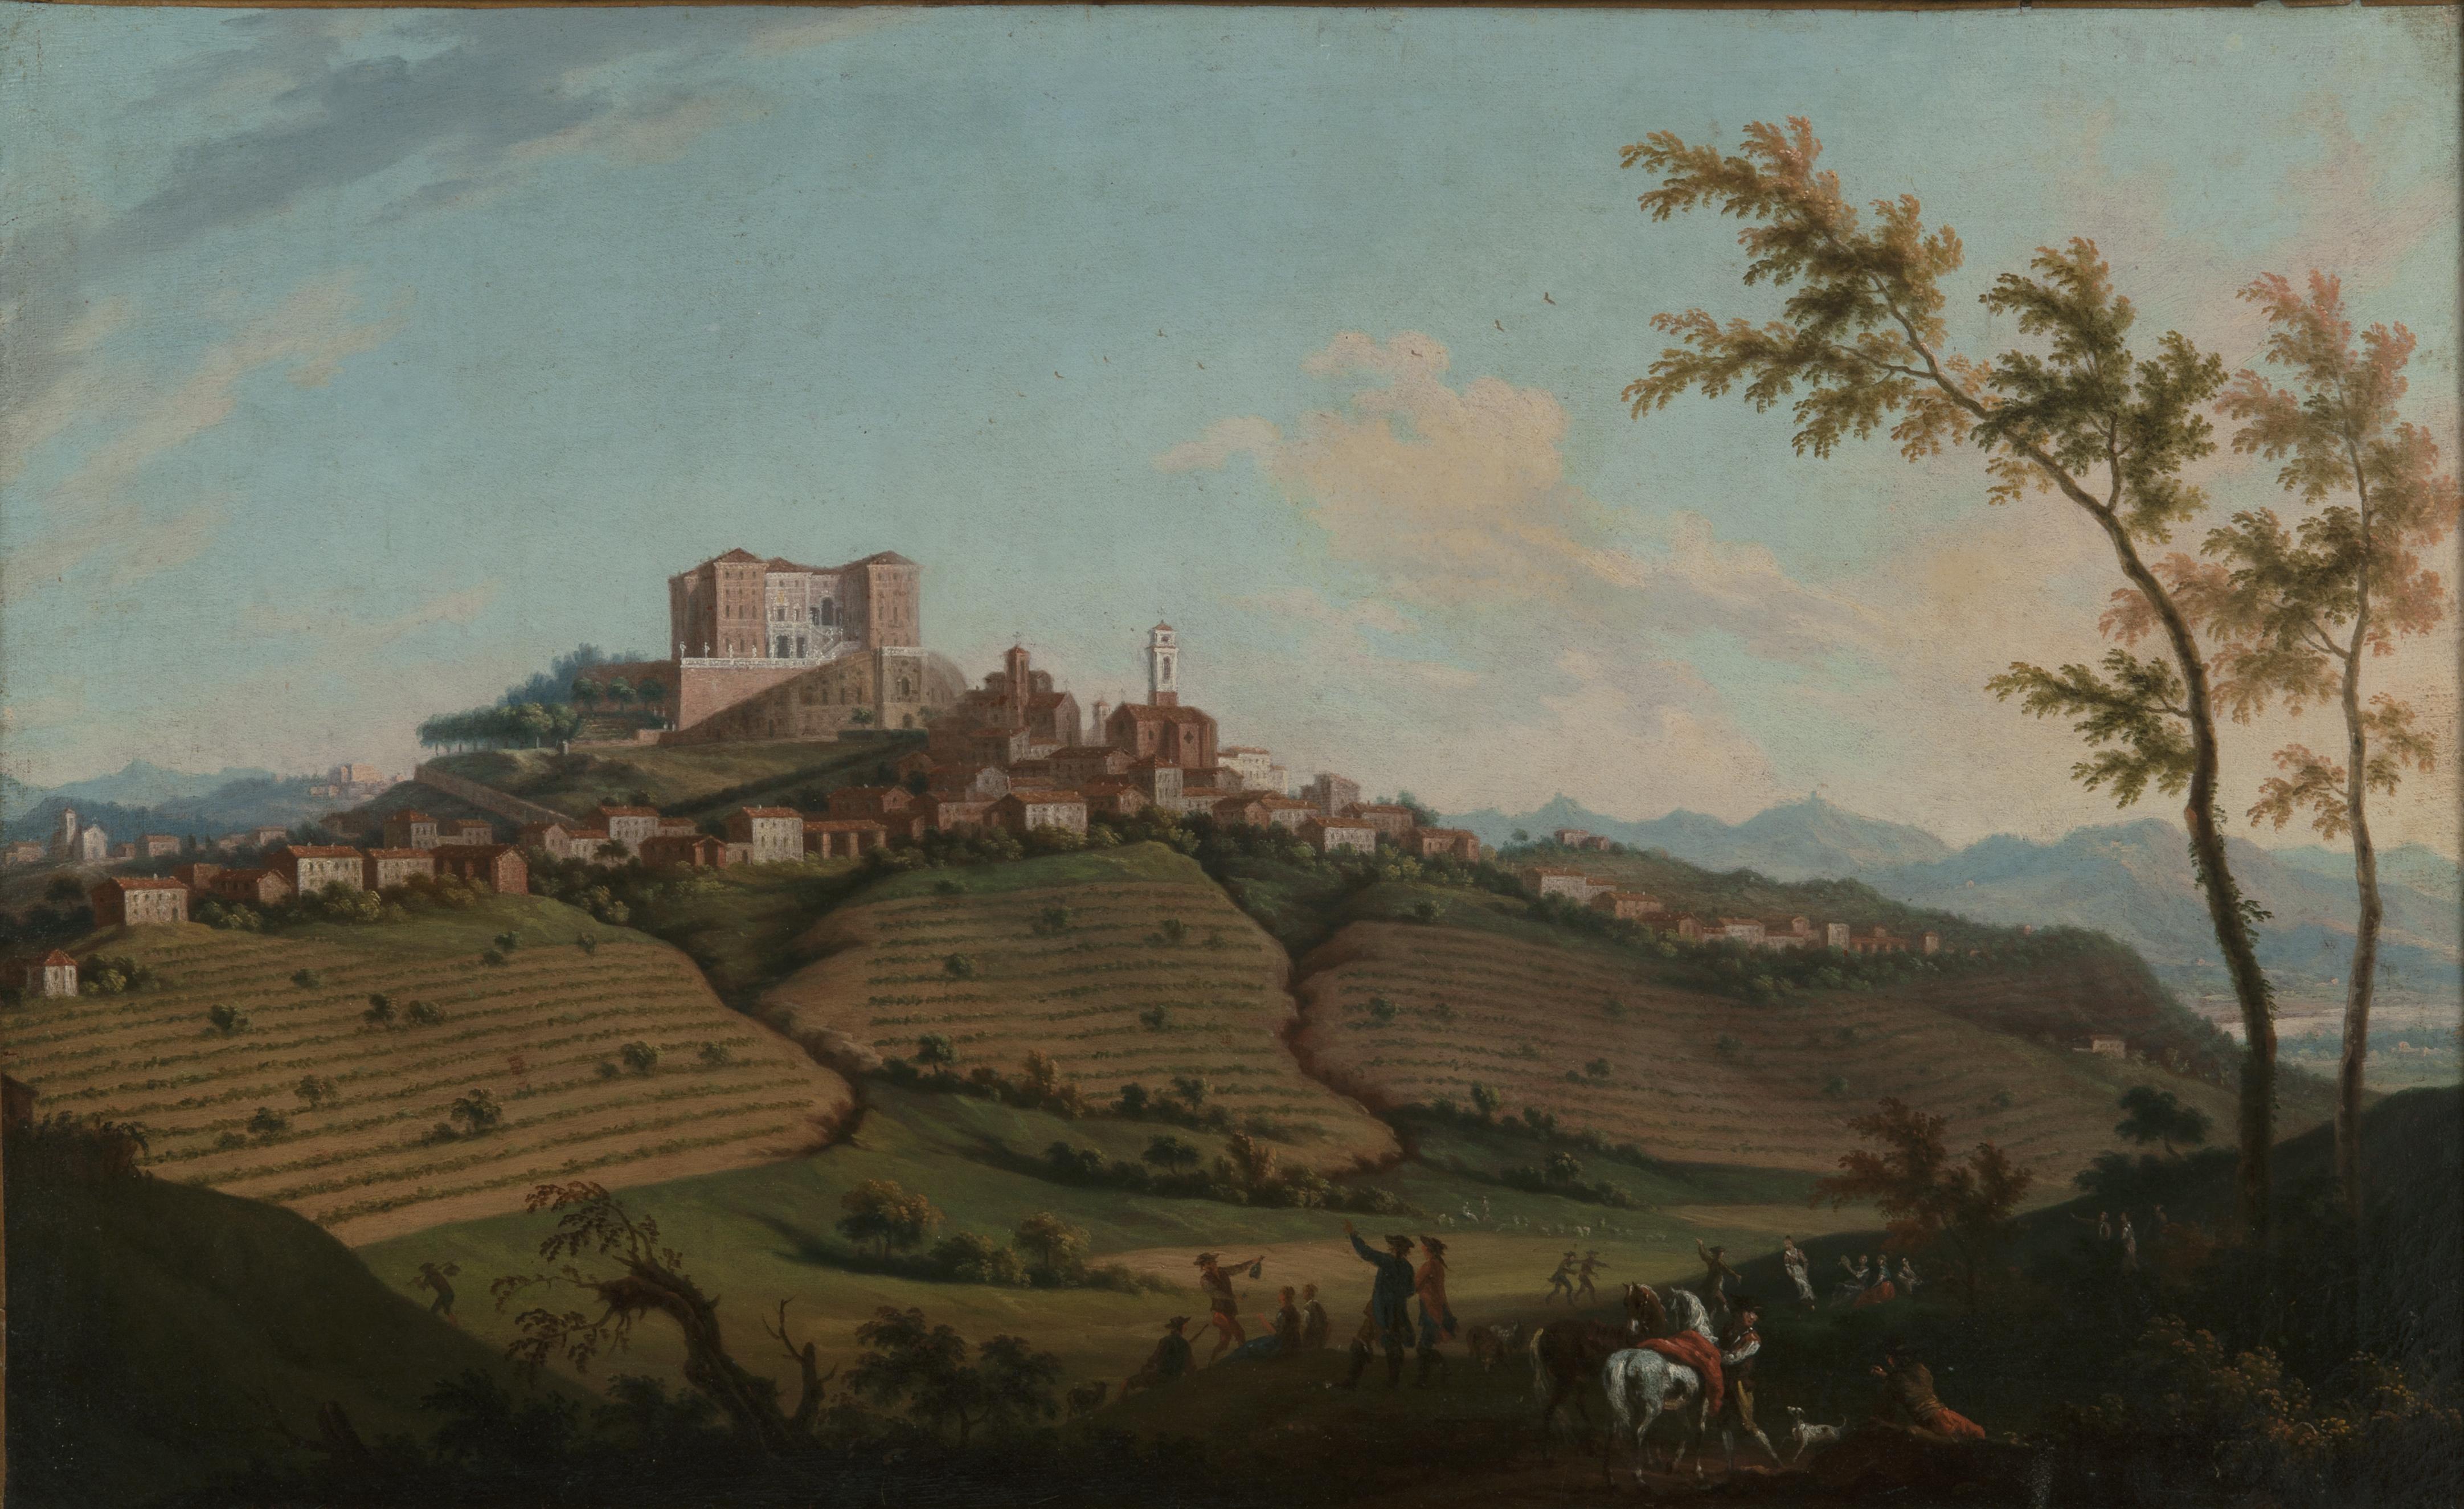 V. Amedeo e A. Cignaroli, Veduta di Govone, fine XVIII sec., olio su tela, collezione privata